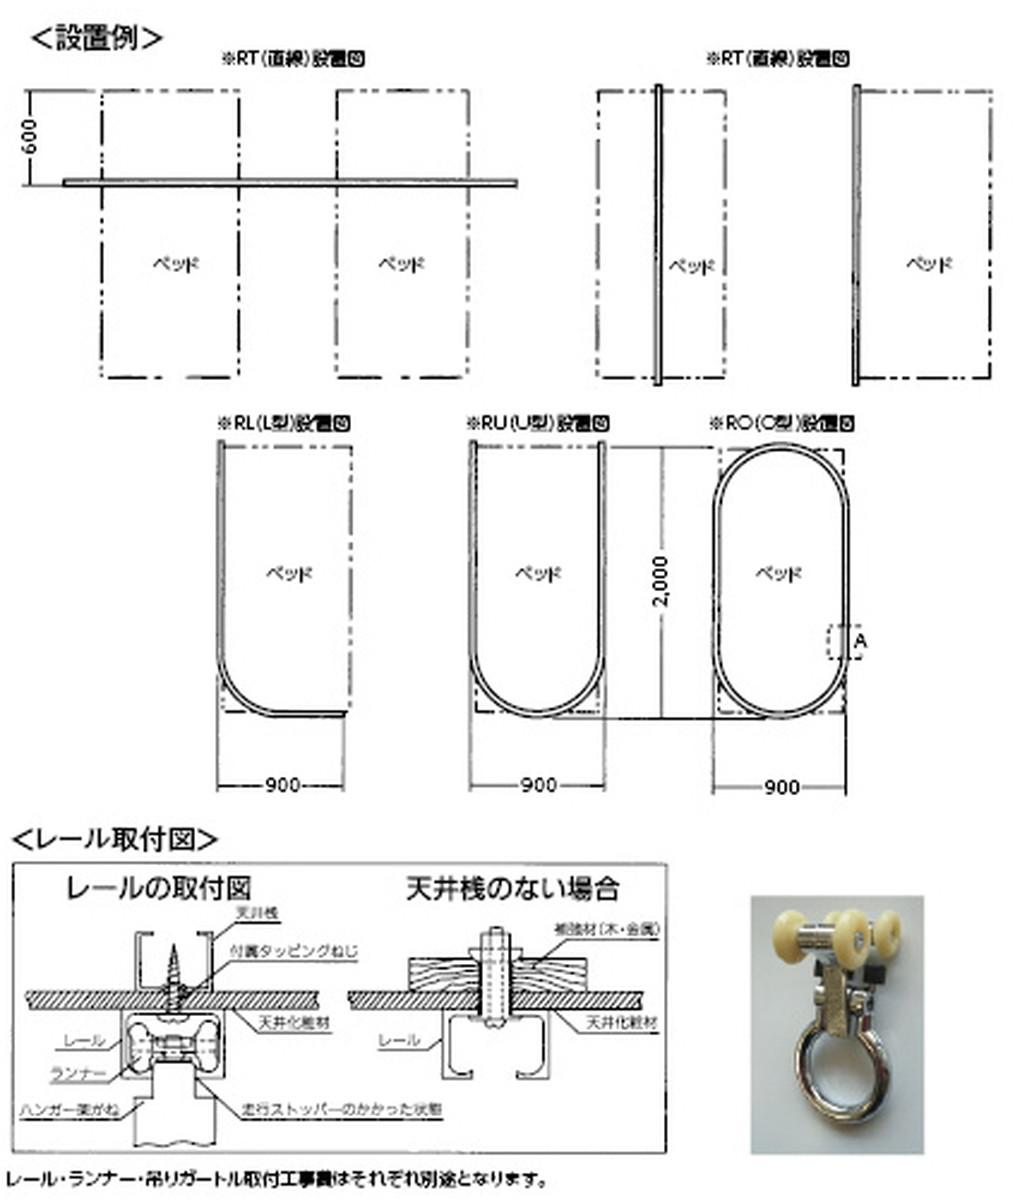 【送料無料】-天井走行レール O型(病室用) RO-10(90X200CM) 品番 my01-4895-05-- 1入り-【MY医科器機】